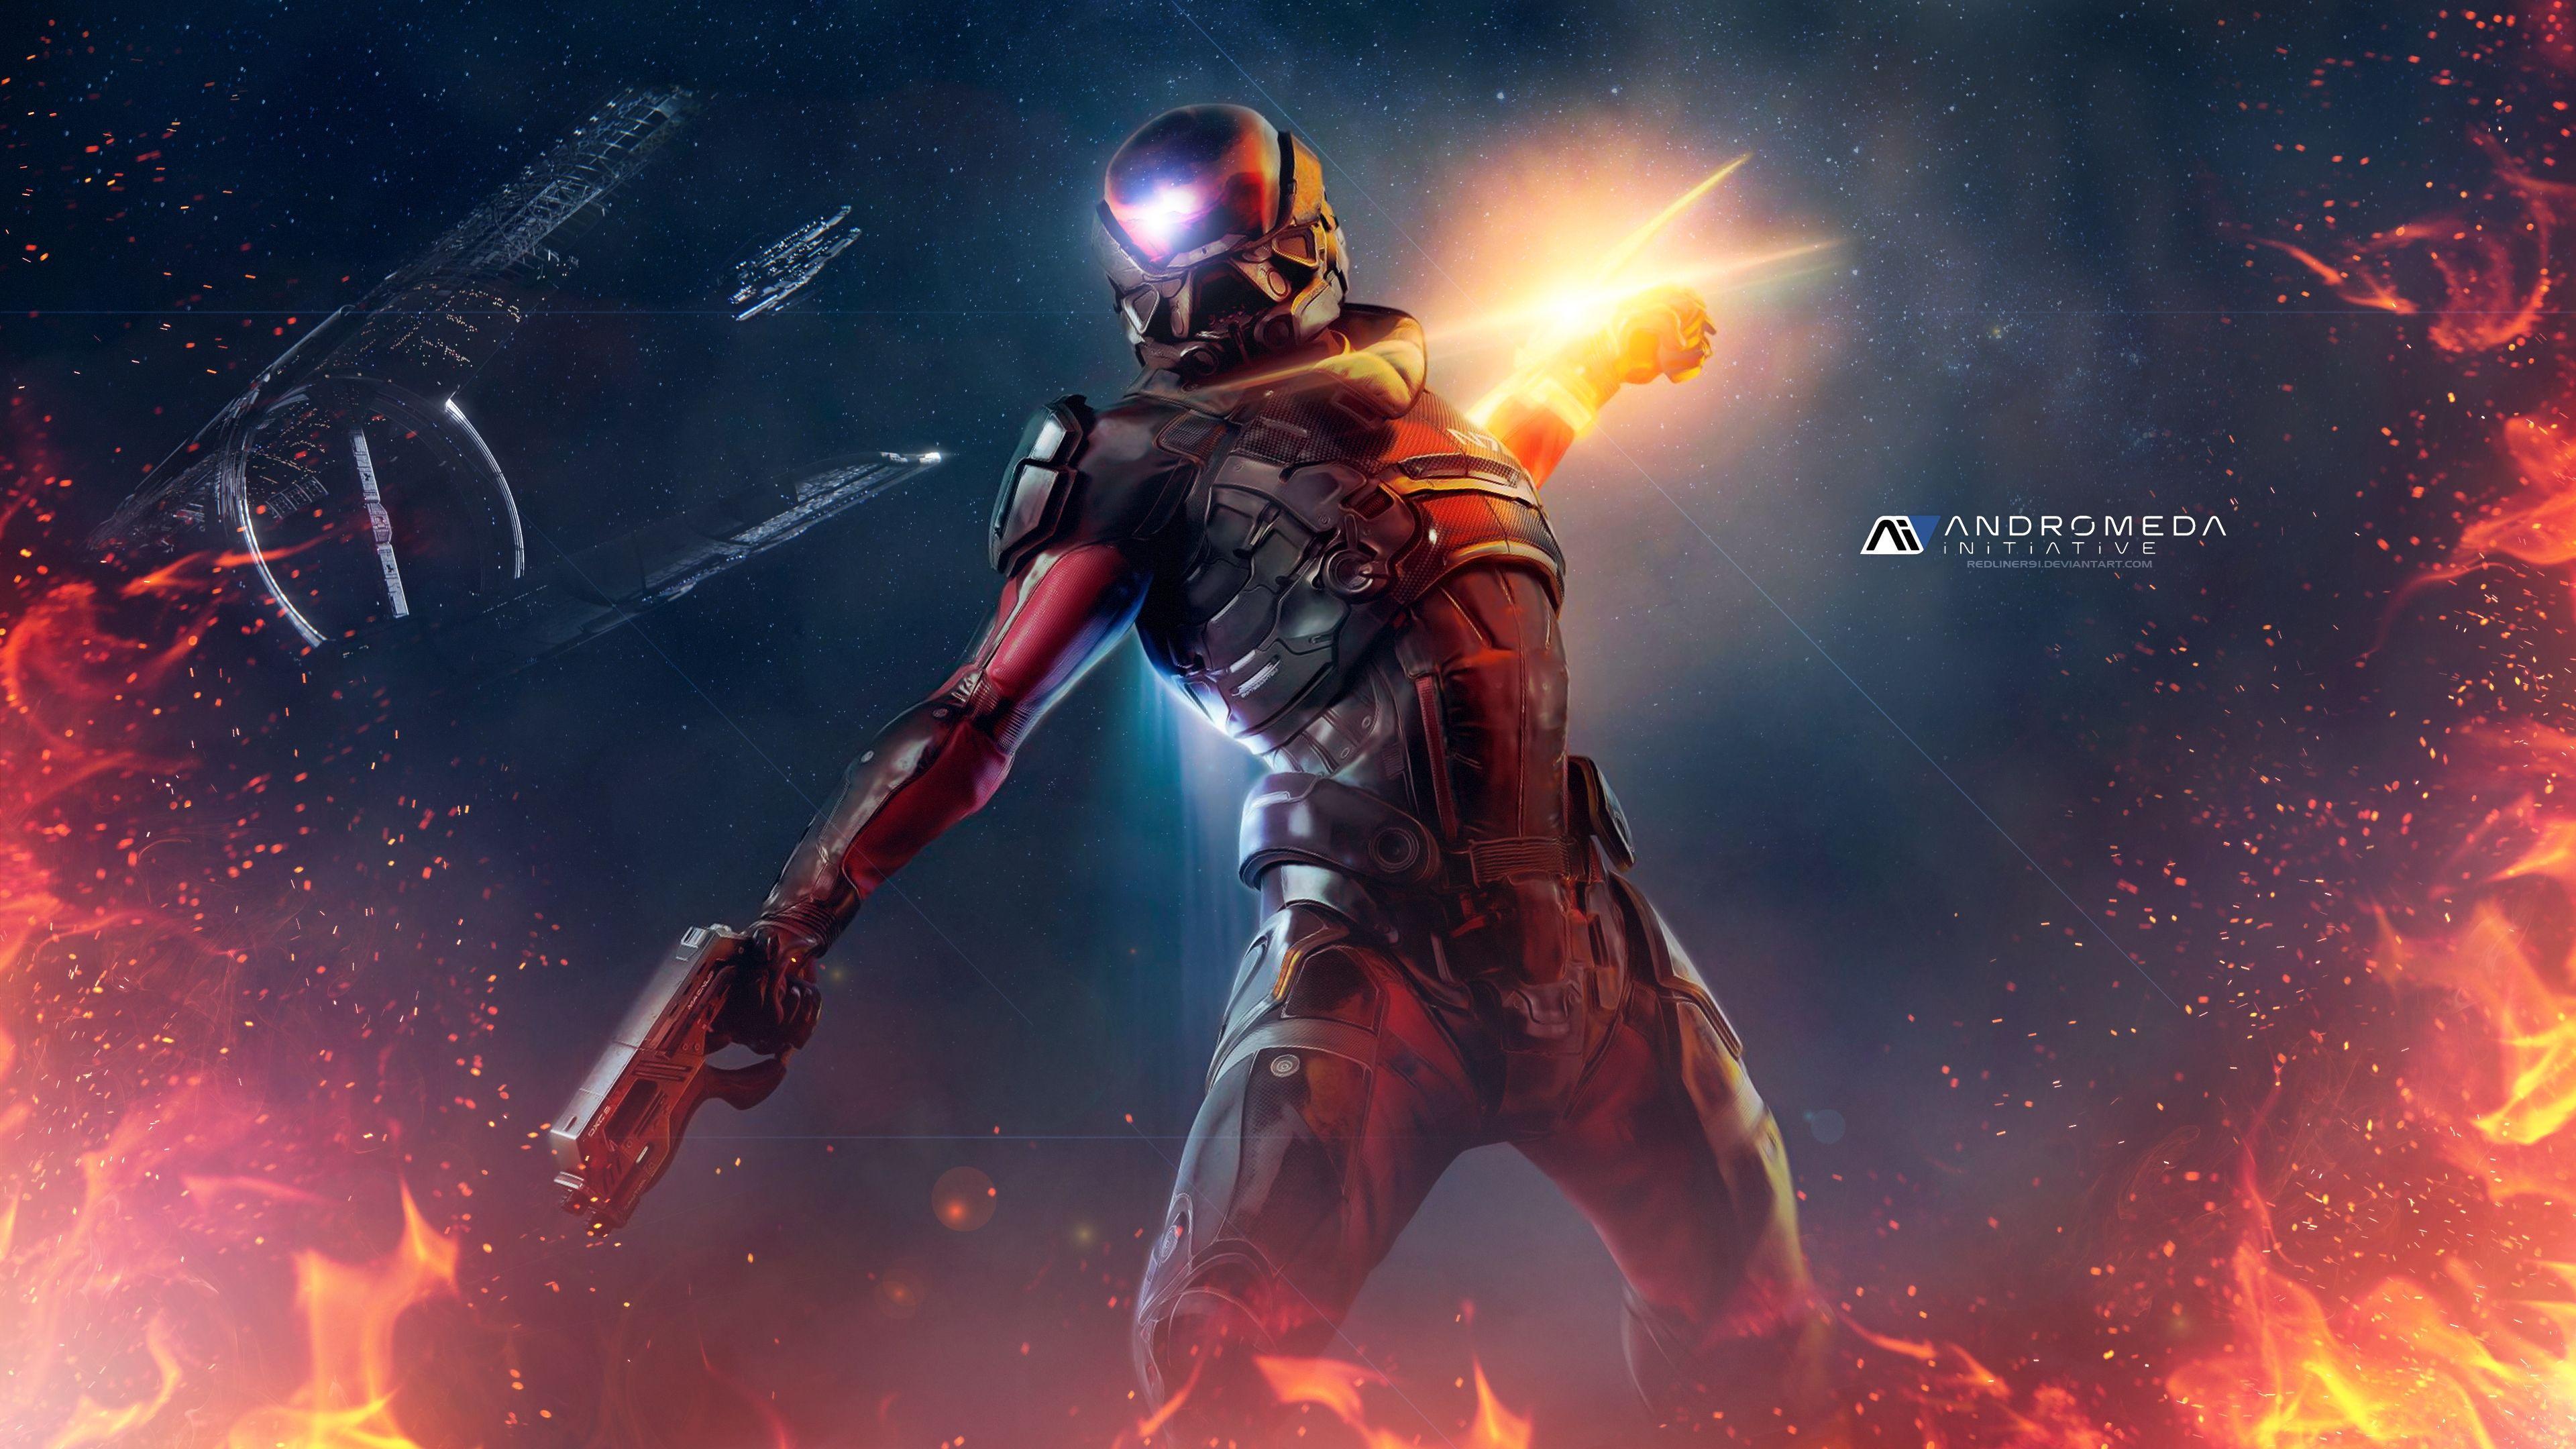 4k Mass Effect Wallpapers Top Free 4k Mass Effect